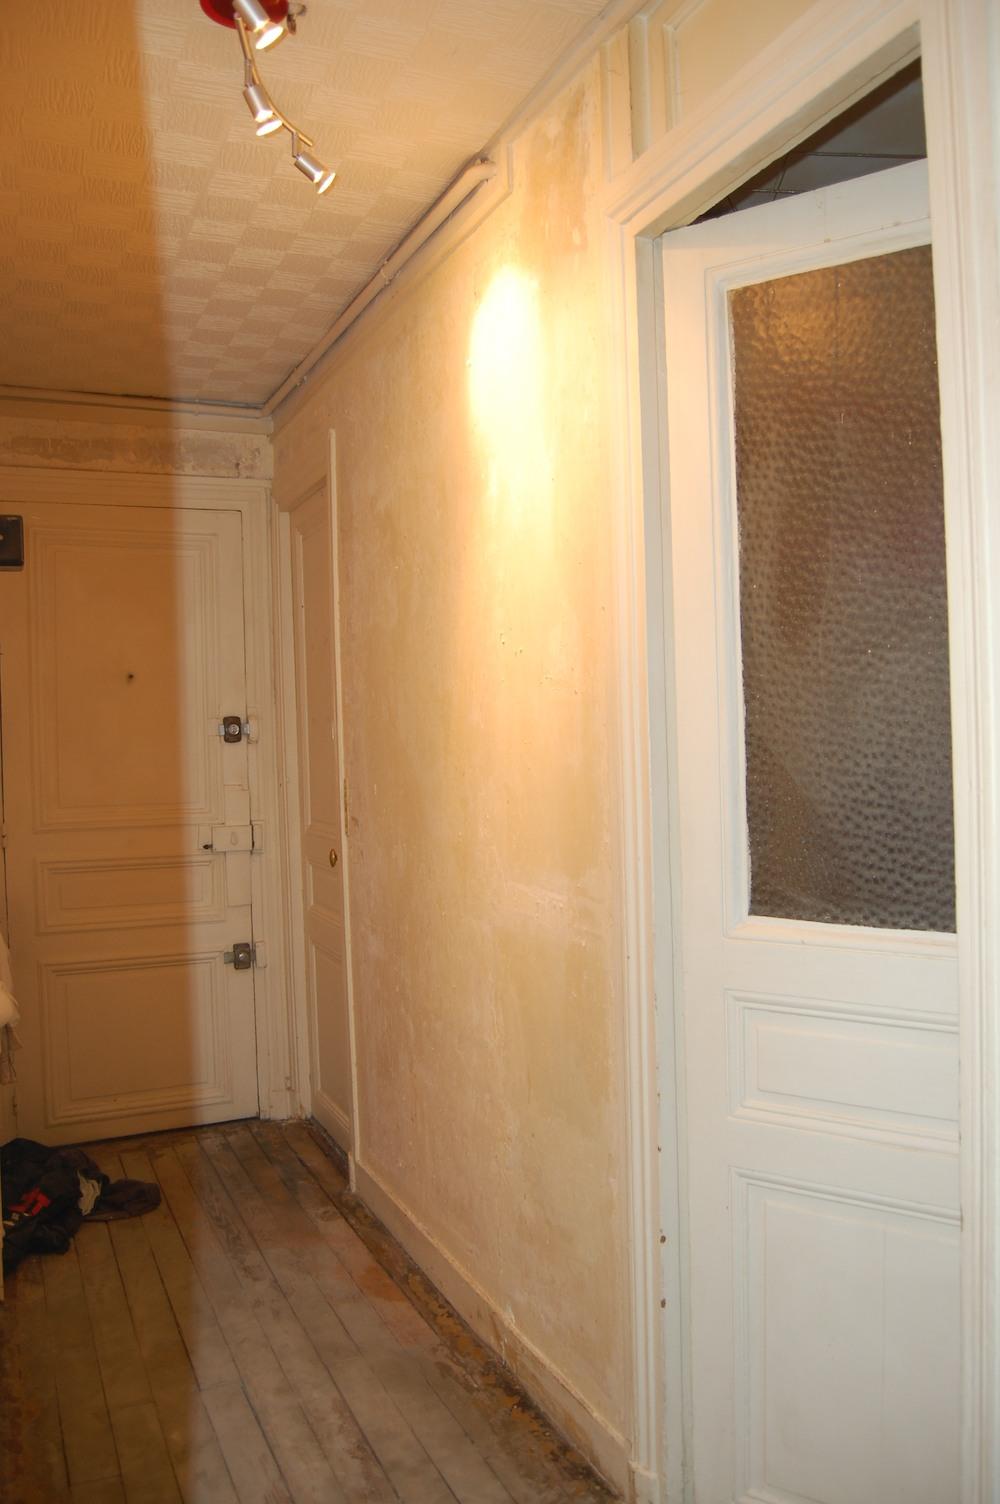 couloir blanc et gris d coration forum la maison france 5. Black Bedroom Furniture Sets. Home Design Ideas